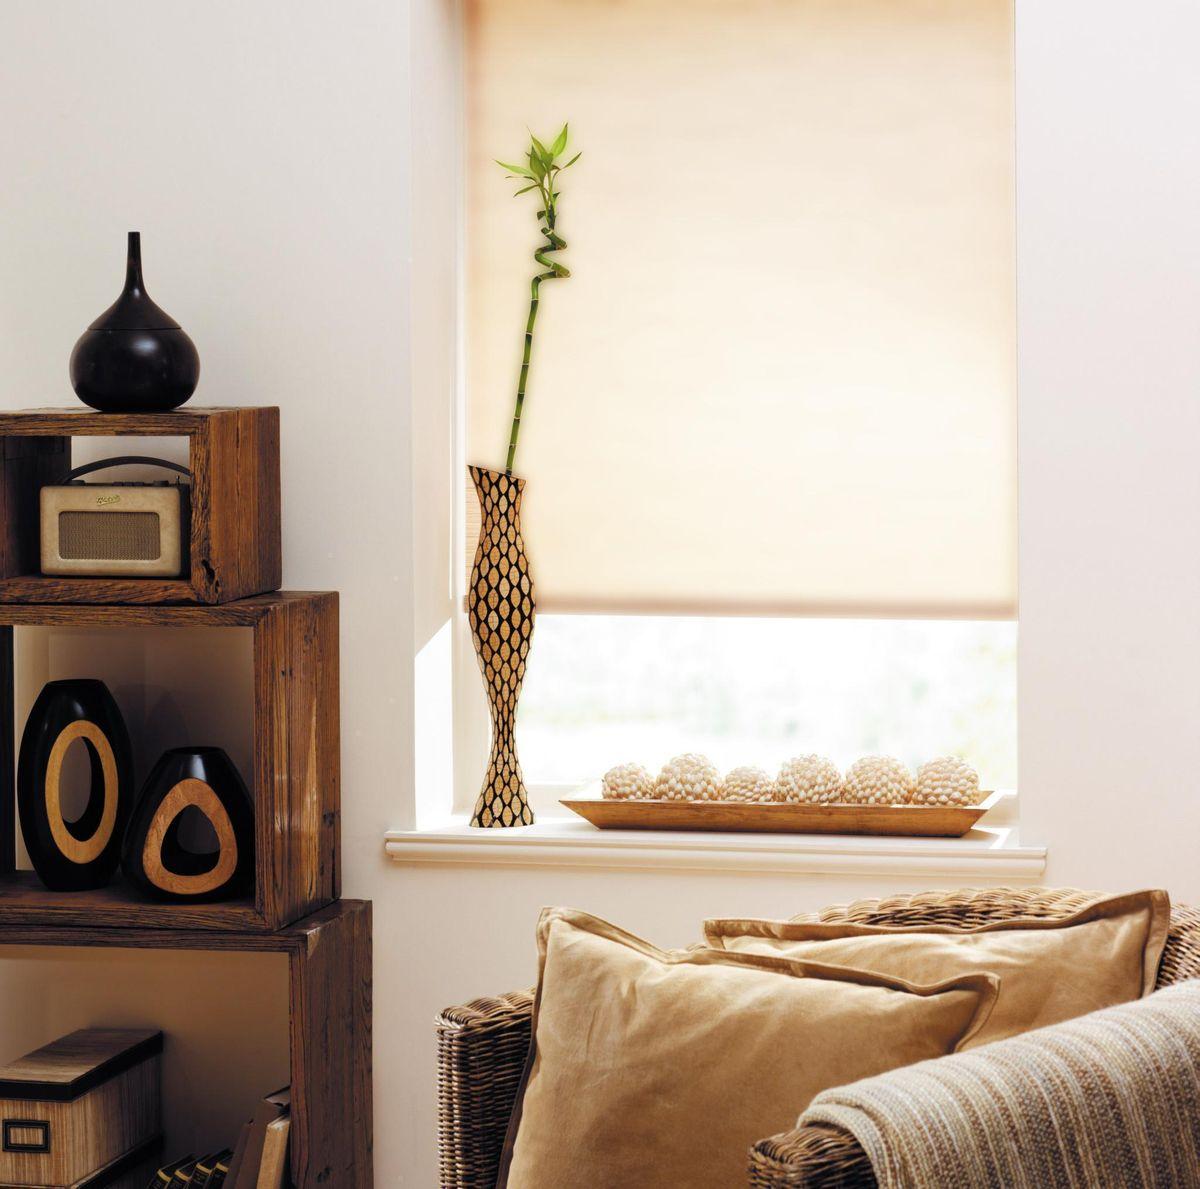 Штора рулонная Эскар, цвет: бежевый лен, ширина 160 см, высота 170 см80409160170Рулонными шторами можно оформлять окна как самостоятельно, так и использовать в комбинации с портьерами. Это поможет предотвратить выгорание дорогой ткани на солнце и соединит функционал рулонных с красотой навесных. Преимущества применения рулонных штор для пластиковых окон: - имеют прекрасный внешний вид: многообразие и фактурность материала изделия отлично смотрятся в любом интерьере; - многофункциональны: есть возможность подобрать шторы способные эффективно защитить комнату от солнца, при этом она не будет слишком темной. - Есть возможность осуществить быстрый монтаж. ВНИМАНИЕ! Размеры ширины изделия указаны по ширине ткани! Во время эксплуатации не рекомендуется полностью разматывать рулон, чтобы не оторвать ткань от намоточного вала. В случае загрязнения поверхности ткани, чистку шторы проводят одним из способов, в зависимости от типа загрязнения: легкое поверхностное загрязнение можно удалить при помощи канцелярского ластика; чистка от пыли производится сухим методом при...